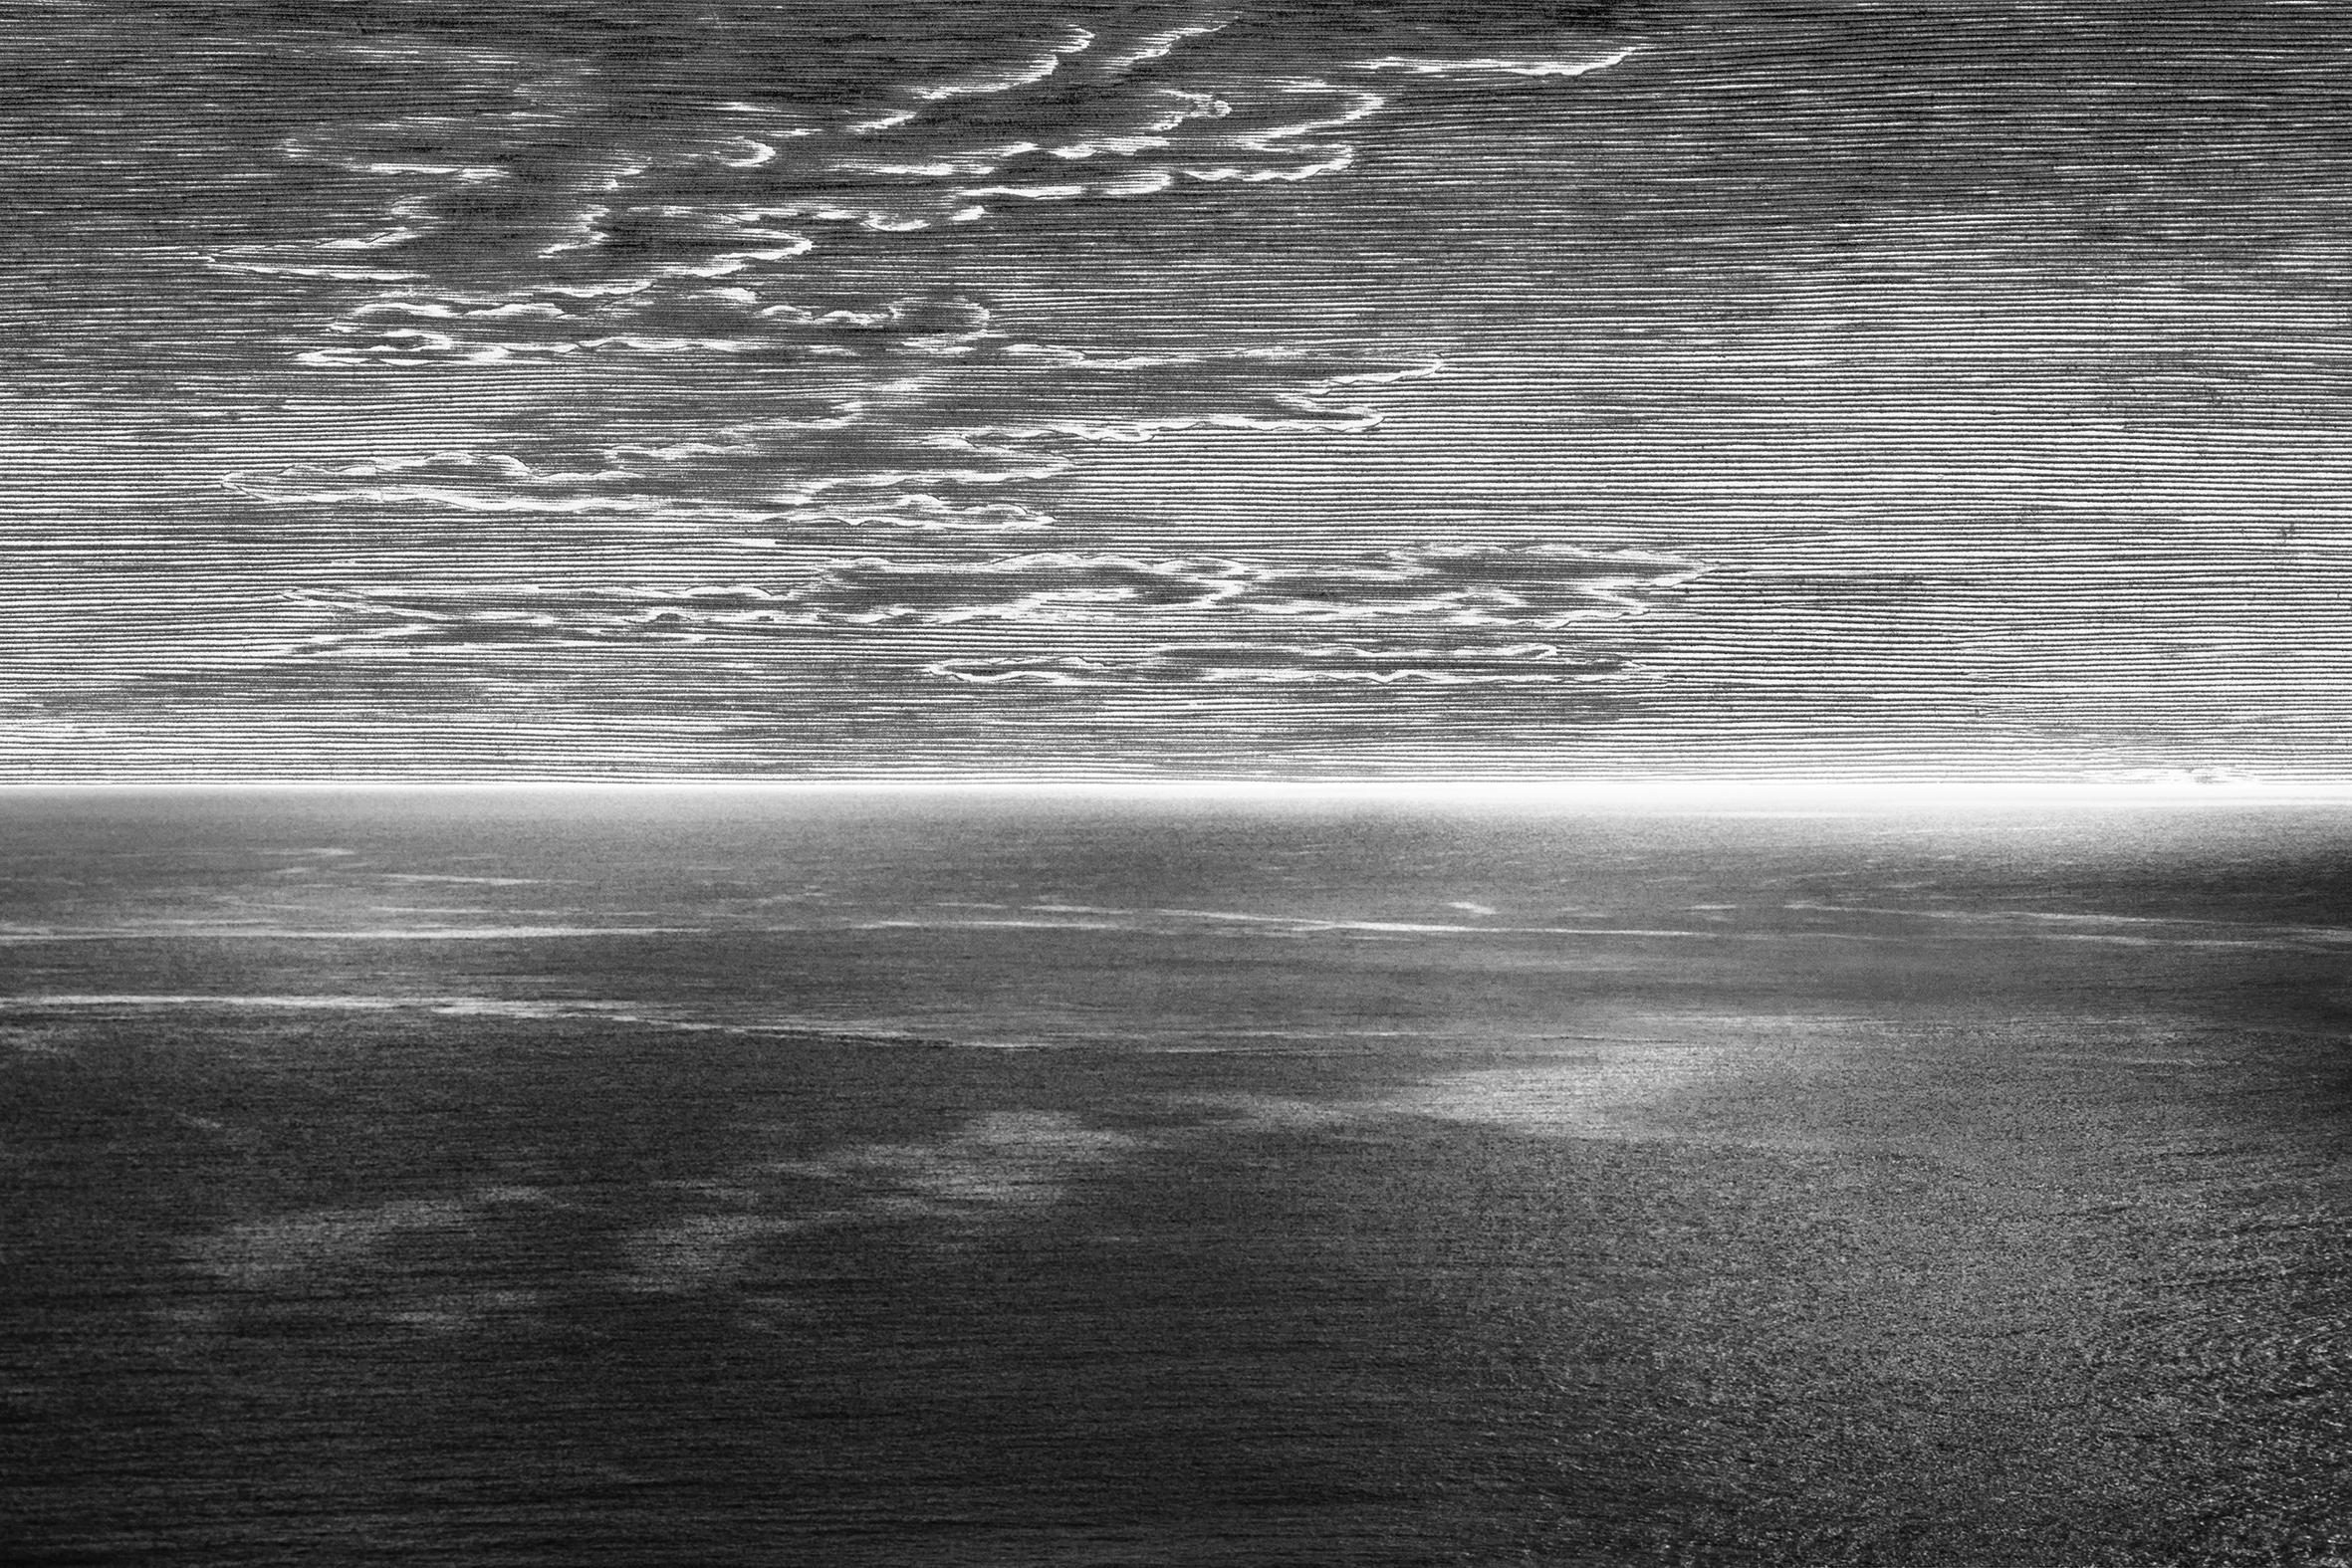 Tessa Verder, Breeze of Light 5, photgraph, 2017